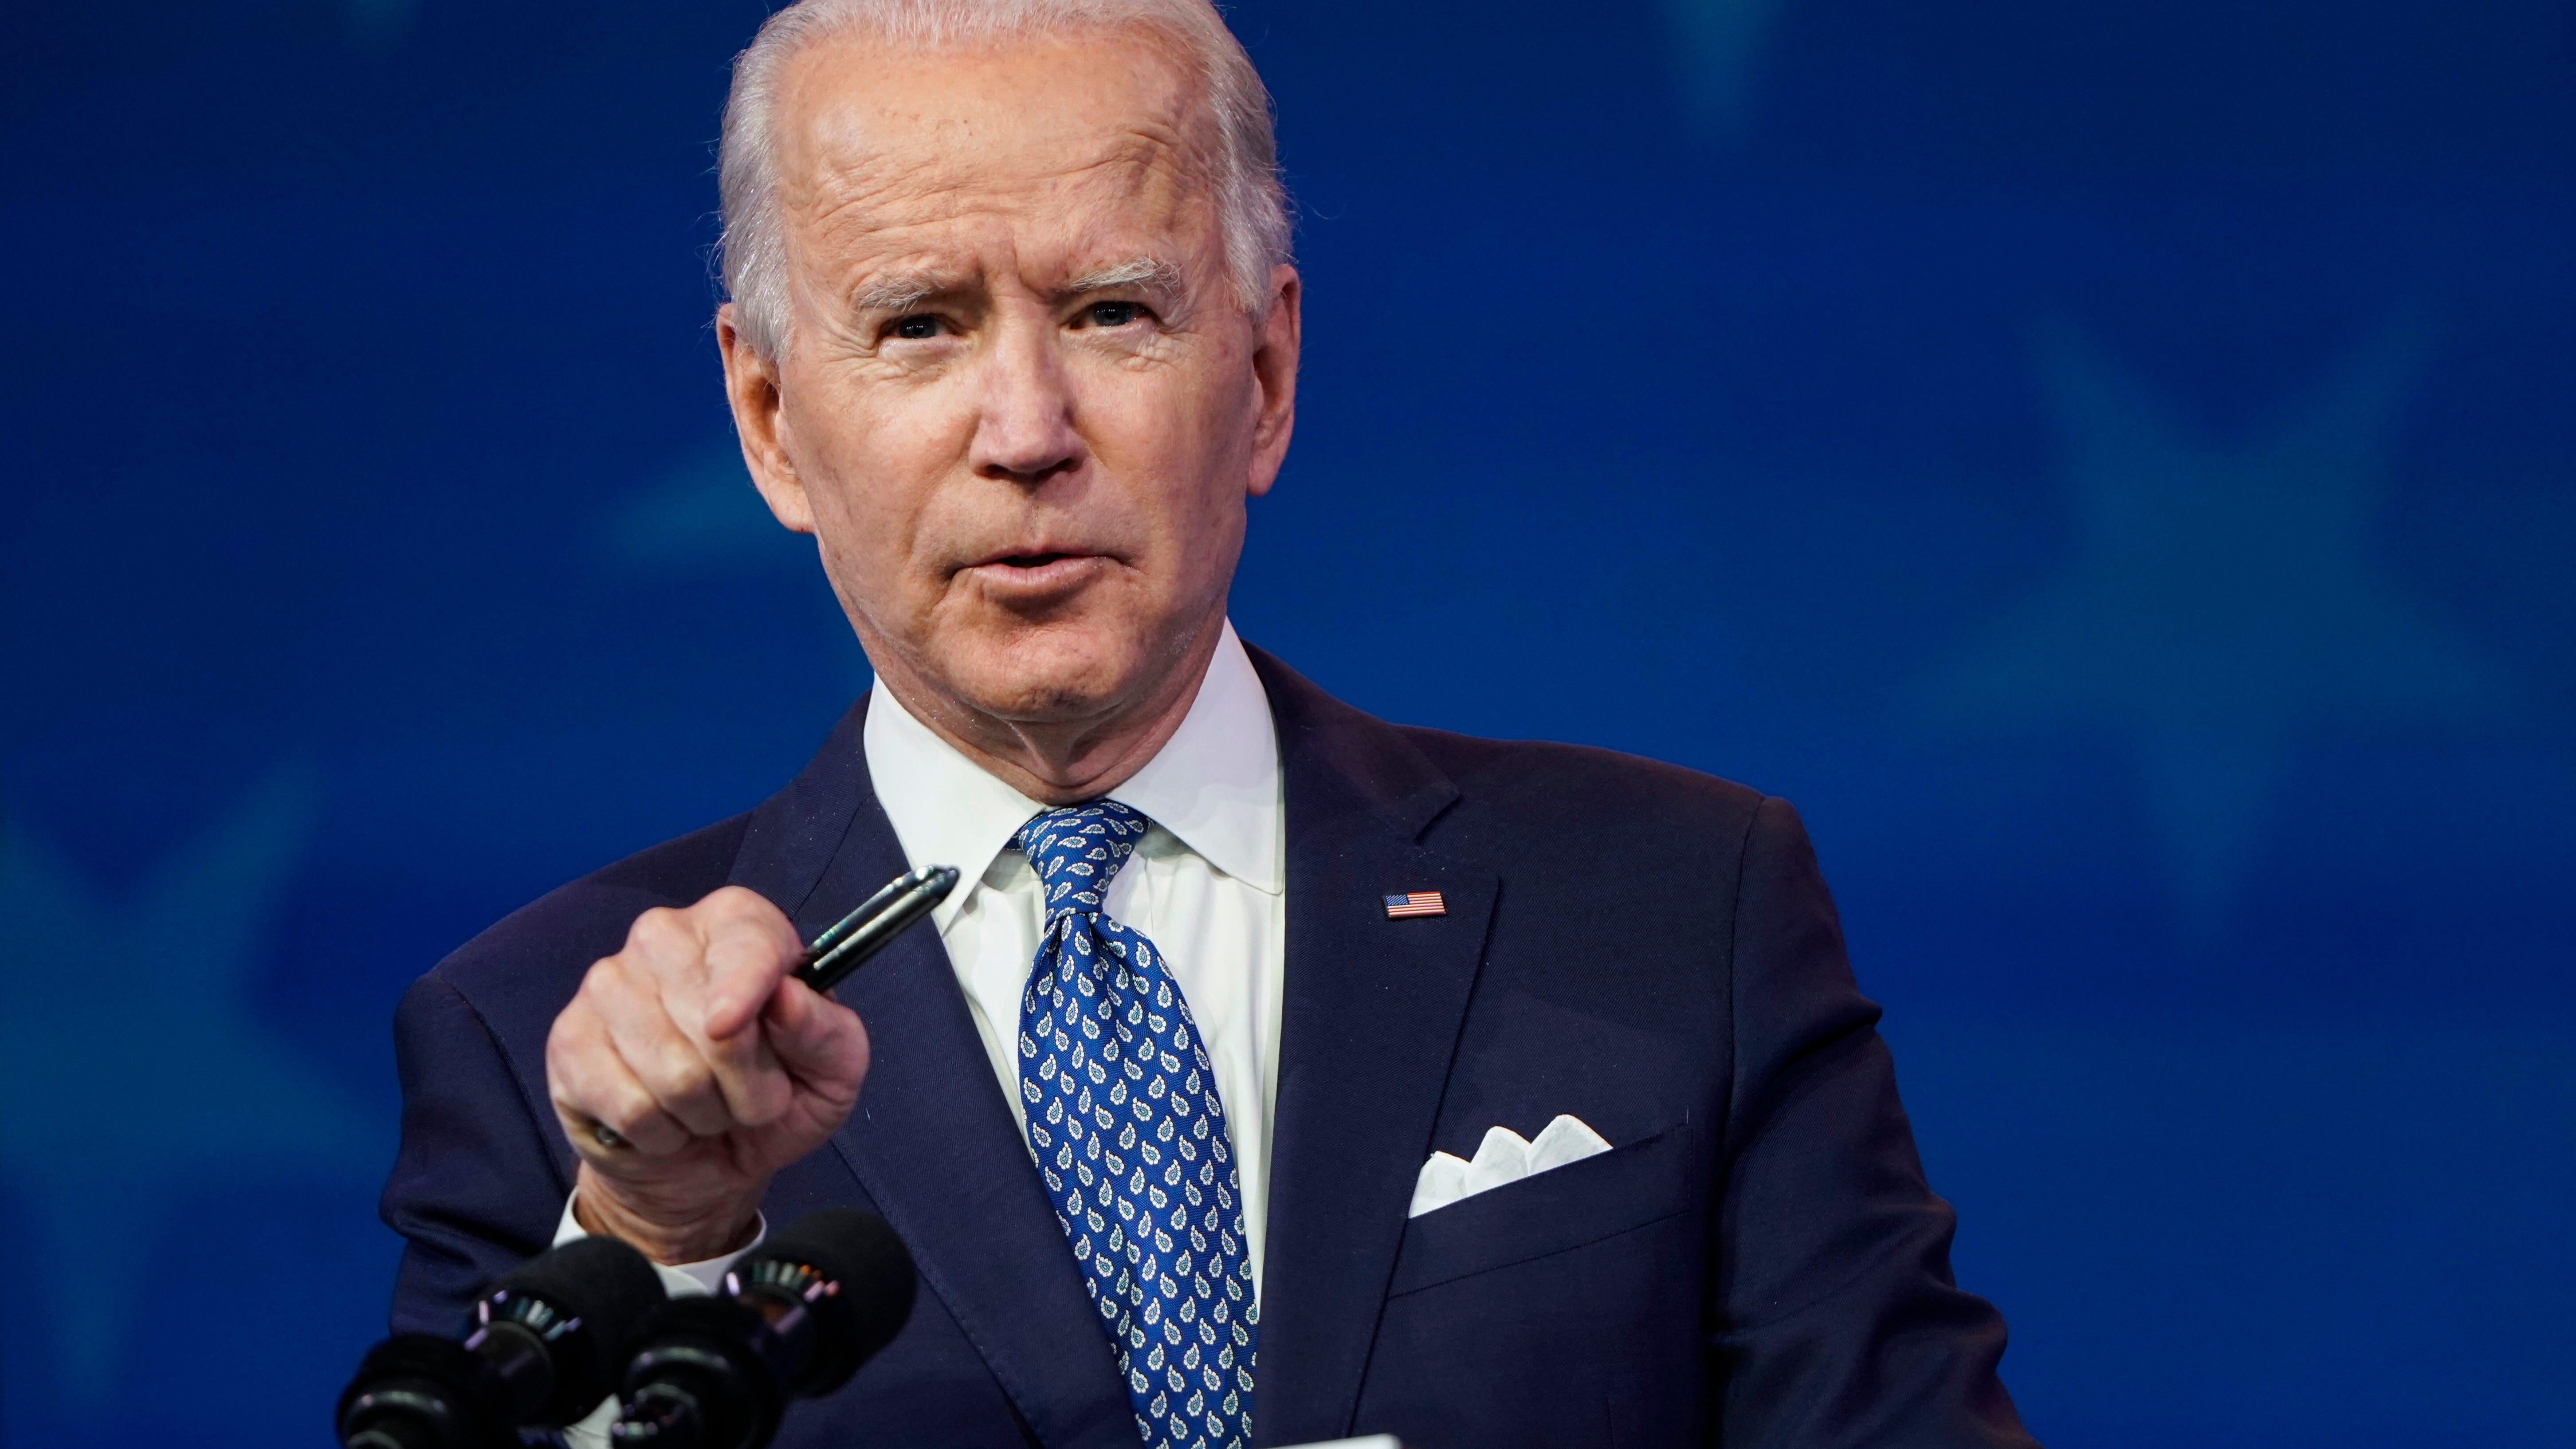 Joe Biden to wear custom-made Ralph Lauren suit to inauguration: Report